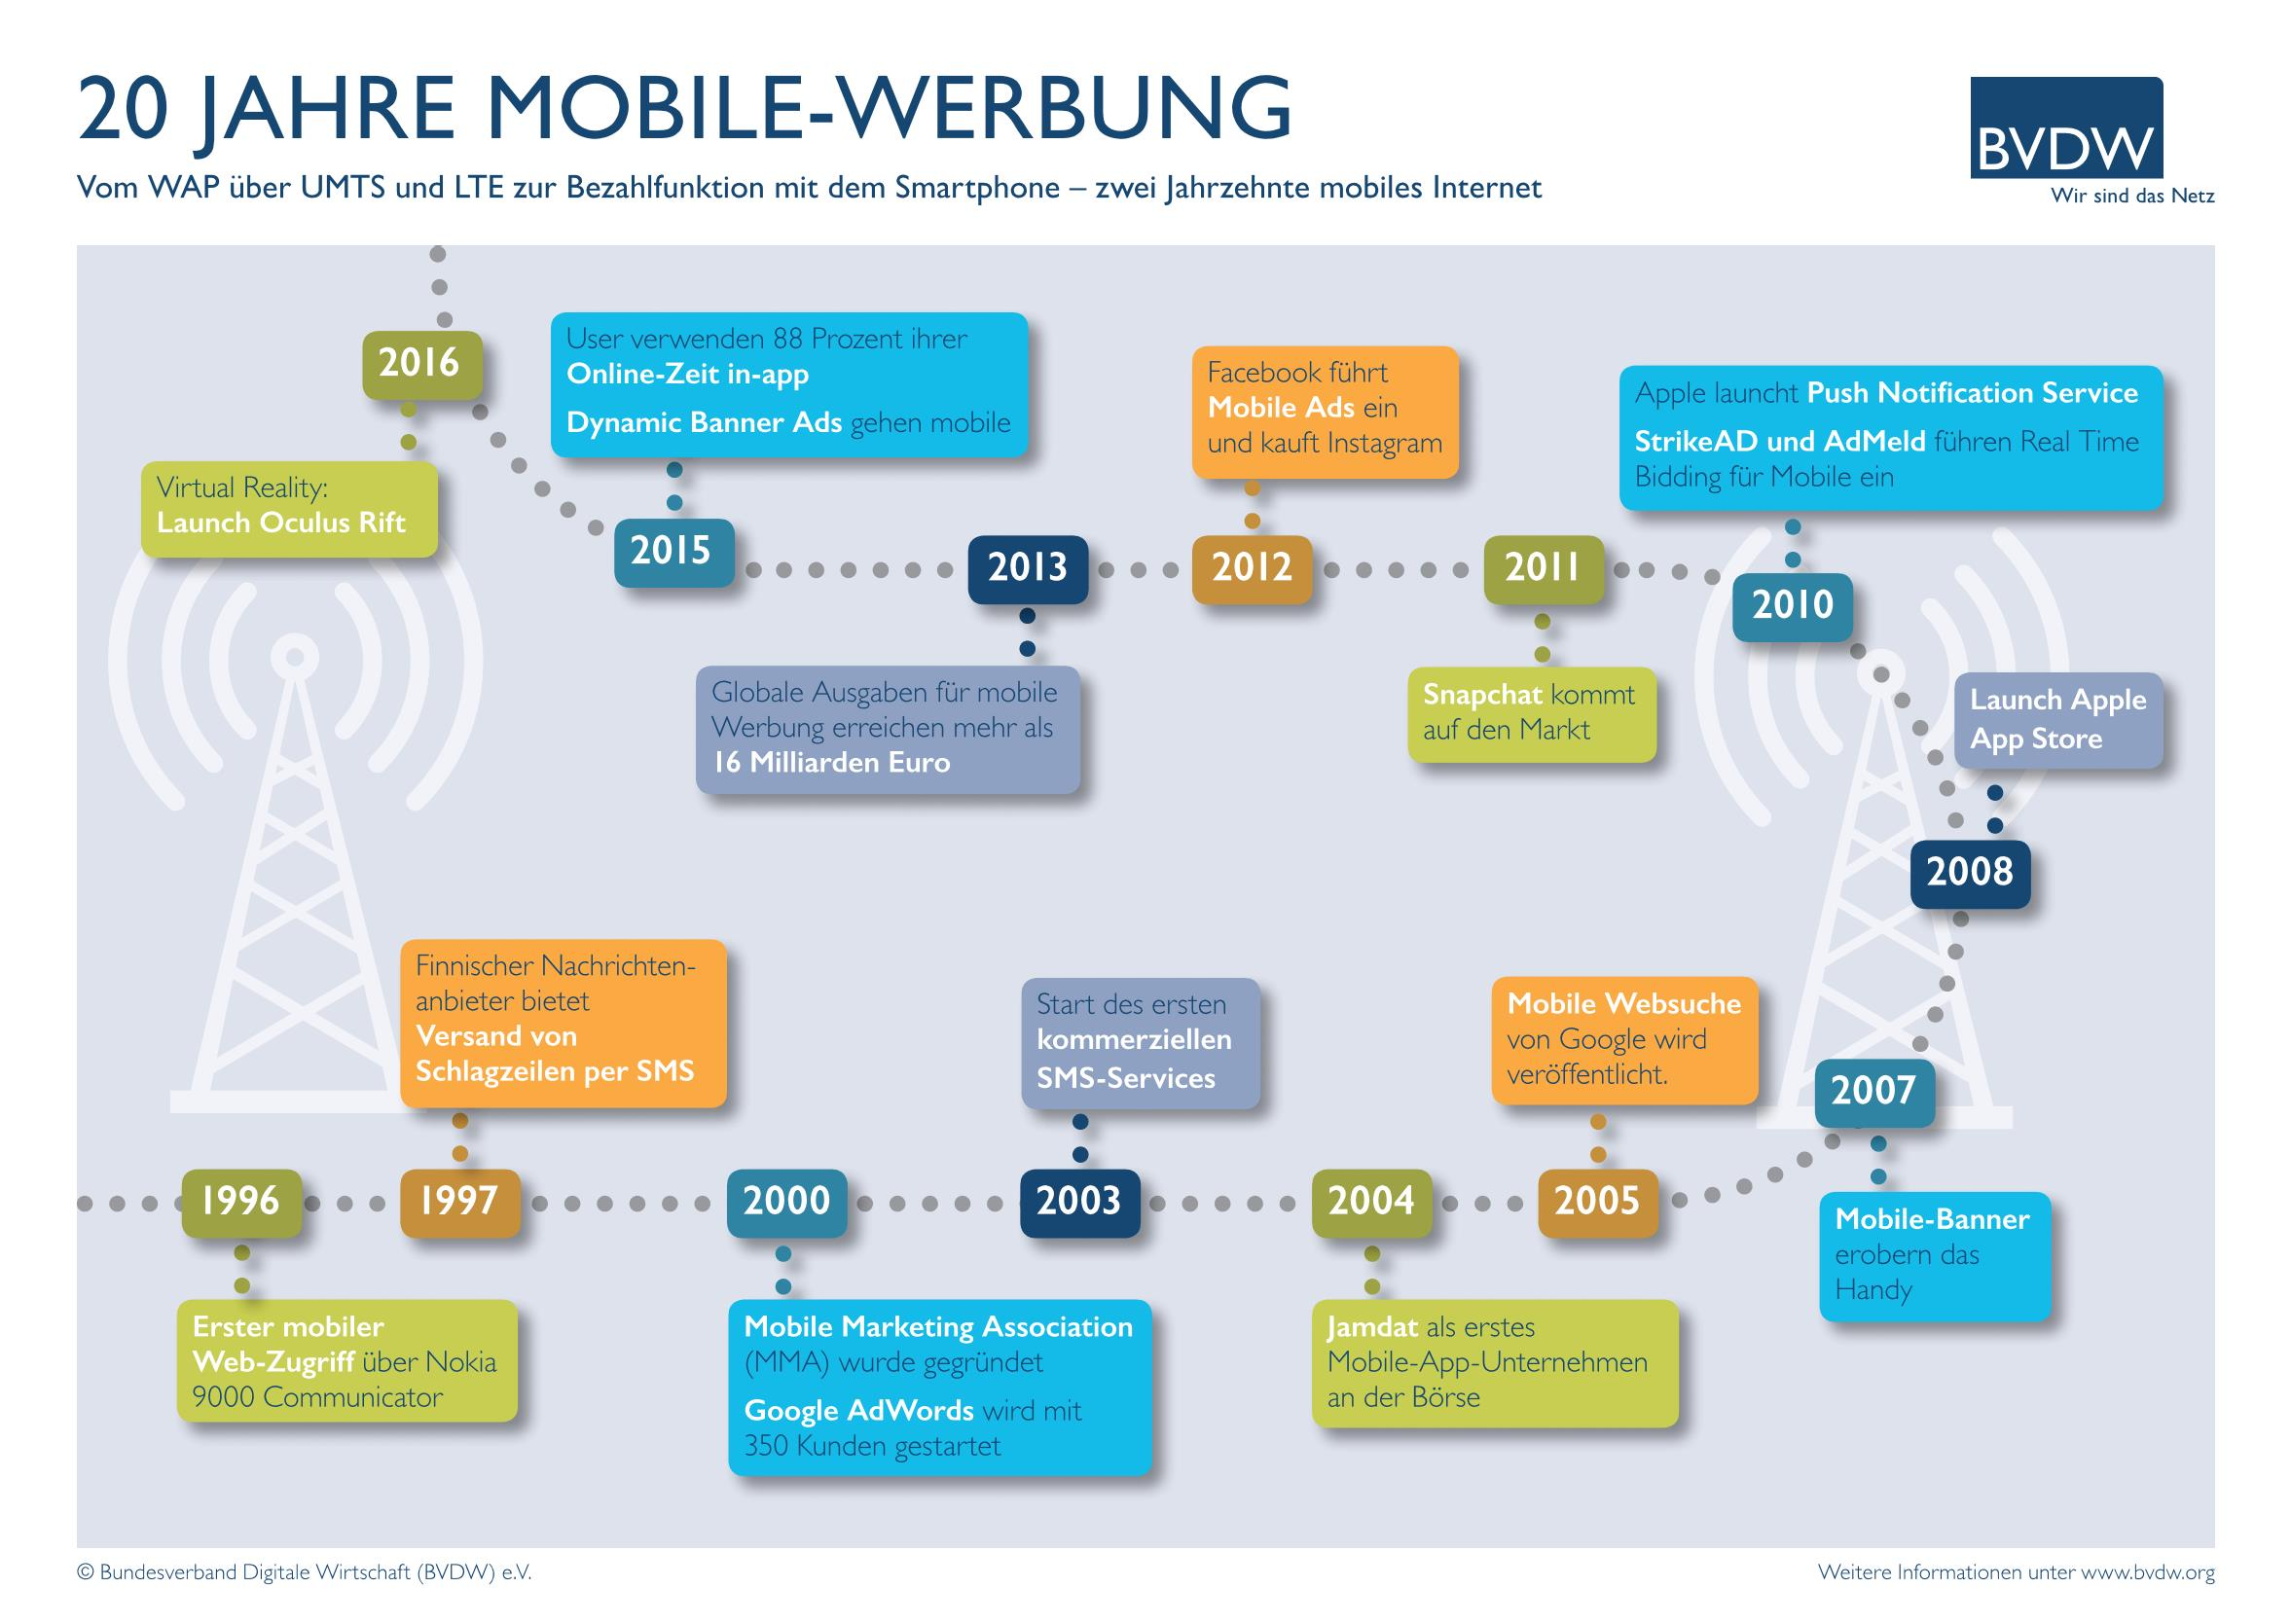 grafik bvdw mobile werbung 20 jahre